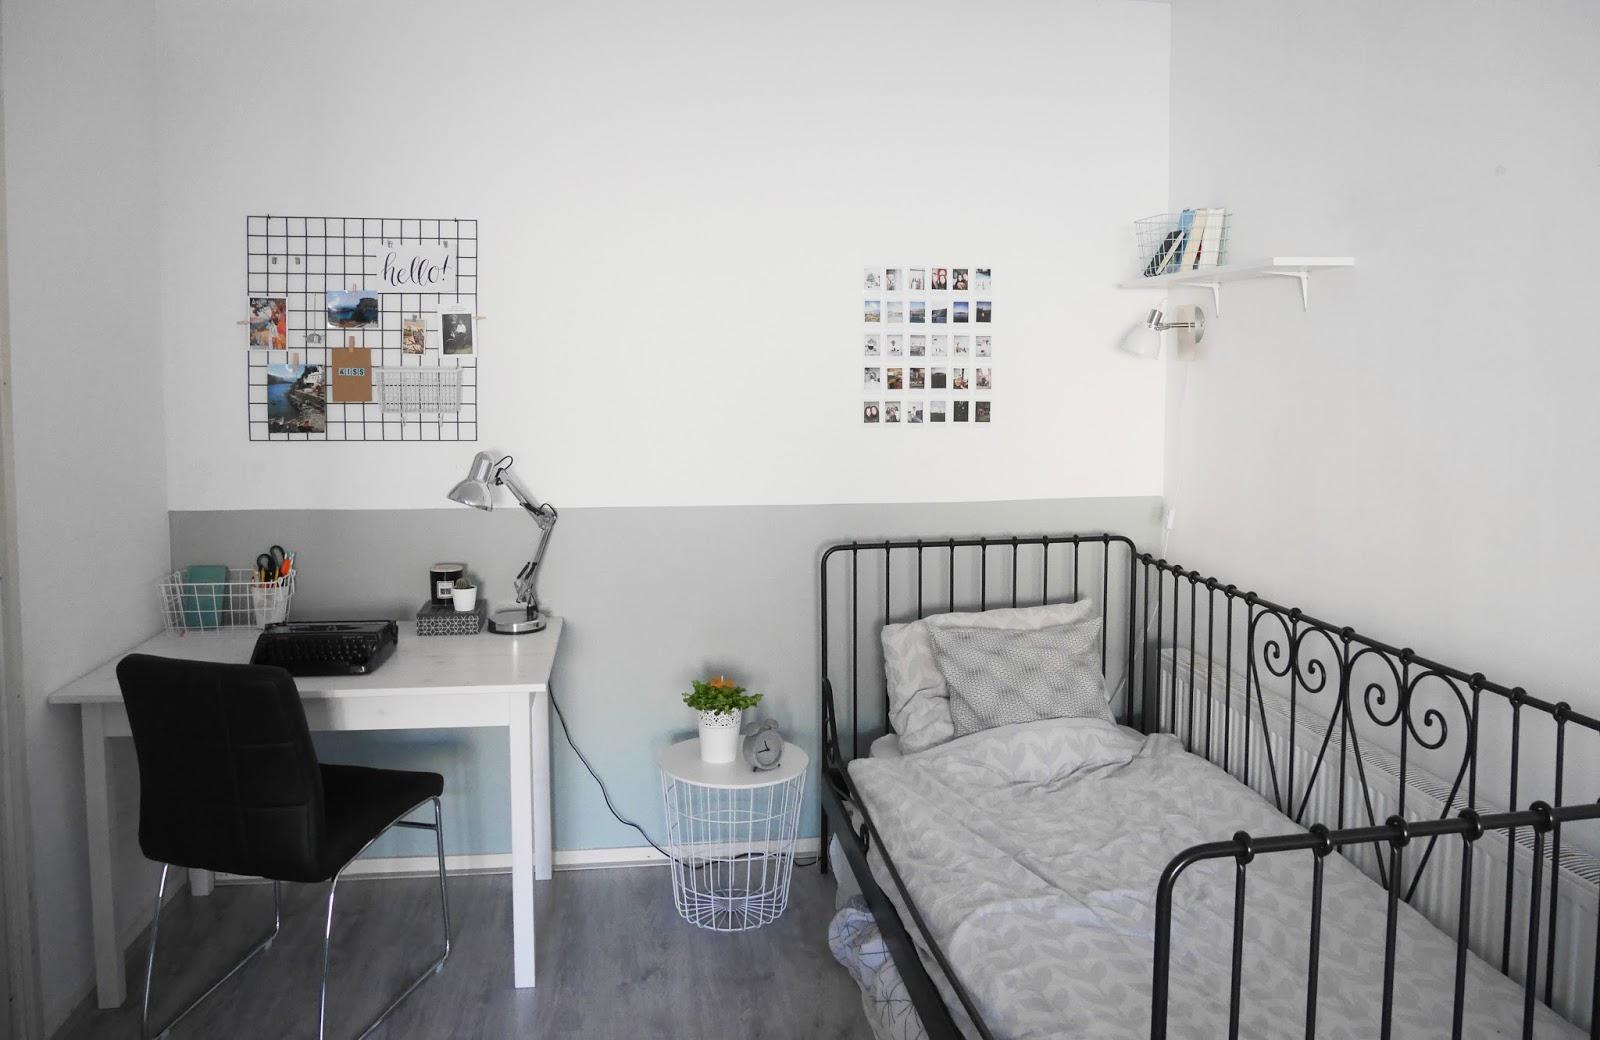 Mini room makeover een nieuwe kleur op de muur the budget life low budget lifestyle tips - Kamer kleur man ...